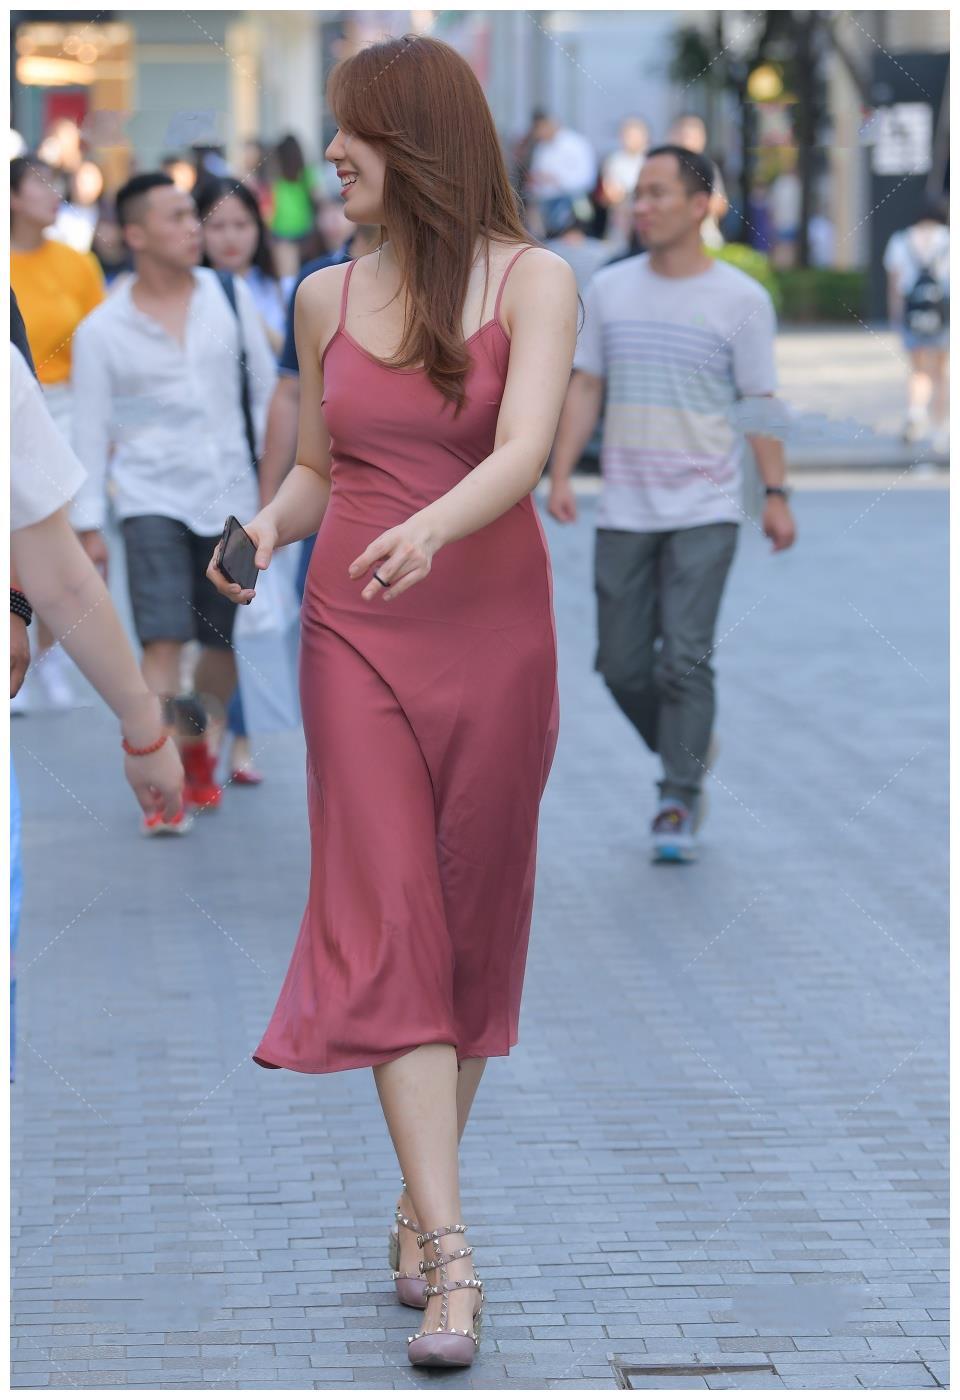 长款连衣裙穿上很有高级感, 红色无袖裙穿上更显气质